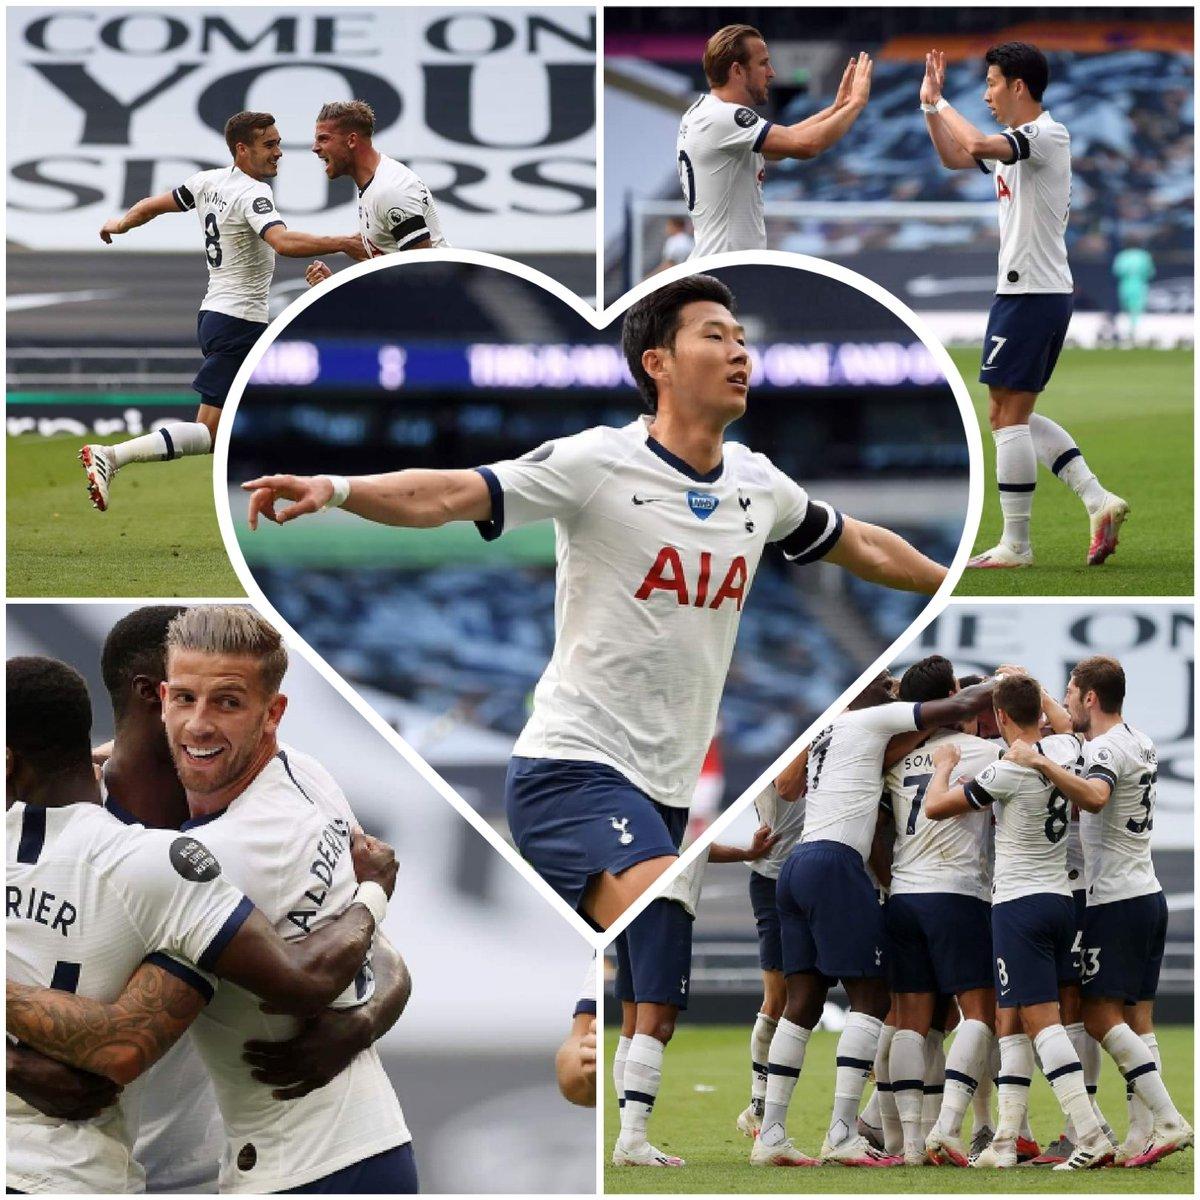 Feels nice to wake up a happy Spurs fan don't it, forgot how it feels!  ⚪💙 ✌☝️ 👊💥 https://t.co/zvRUgHUAri